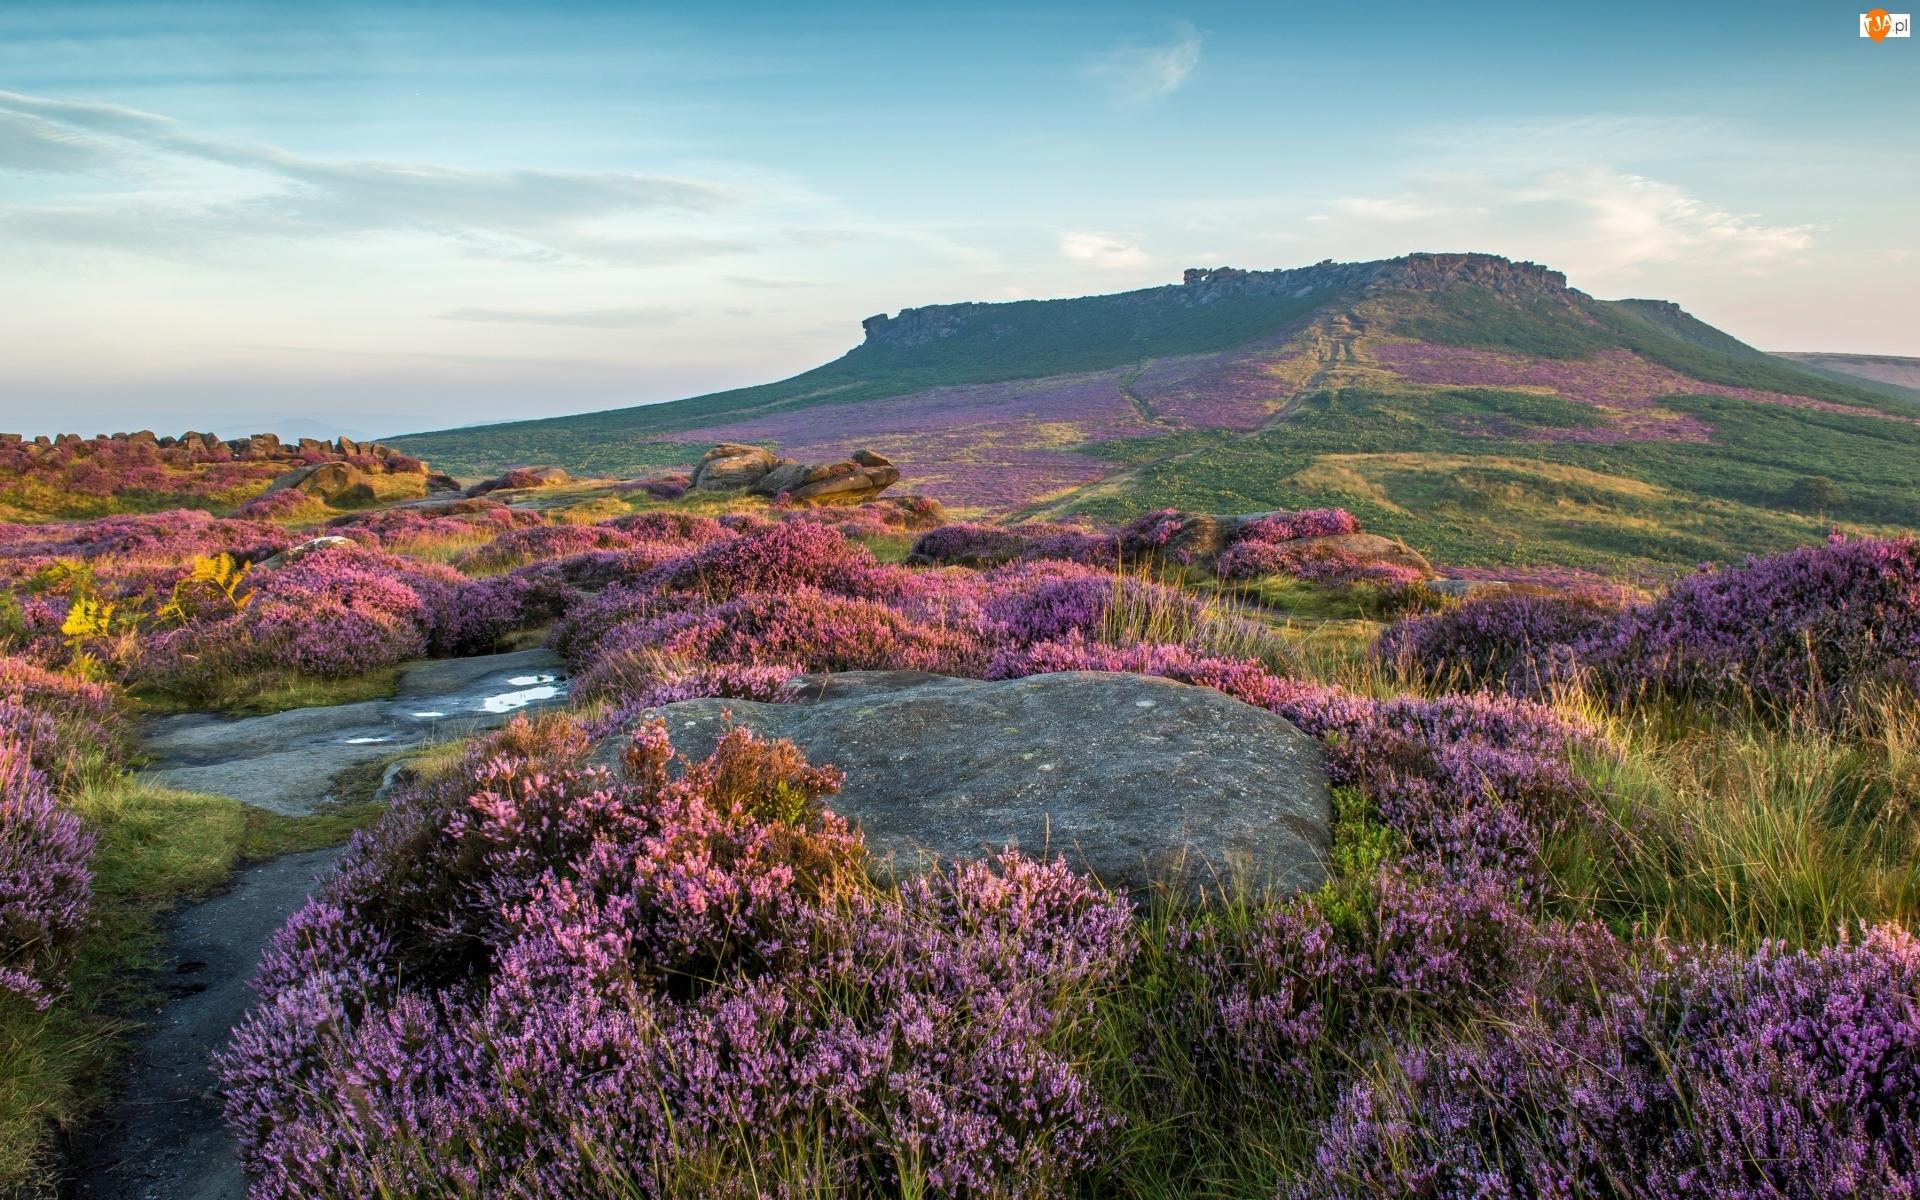 Wzgórza, Wrzosy, Anglia, Wrzosowisko, Park Narodowy Peak District, Skały